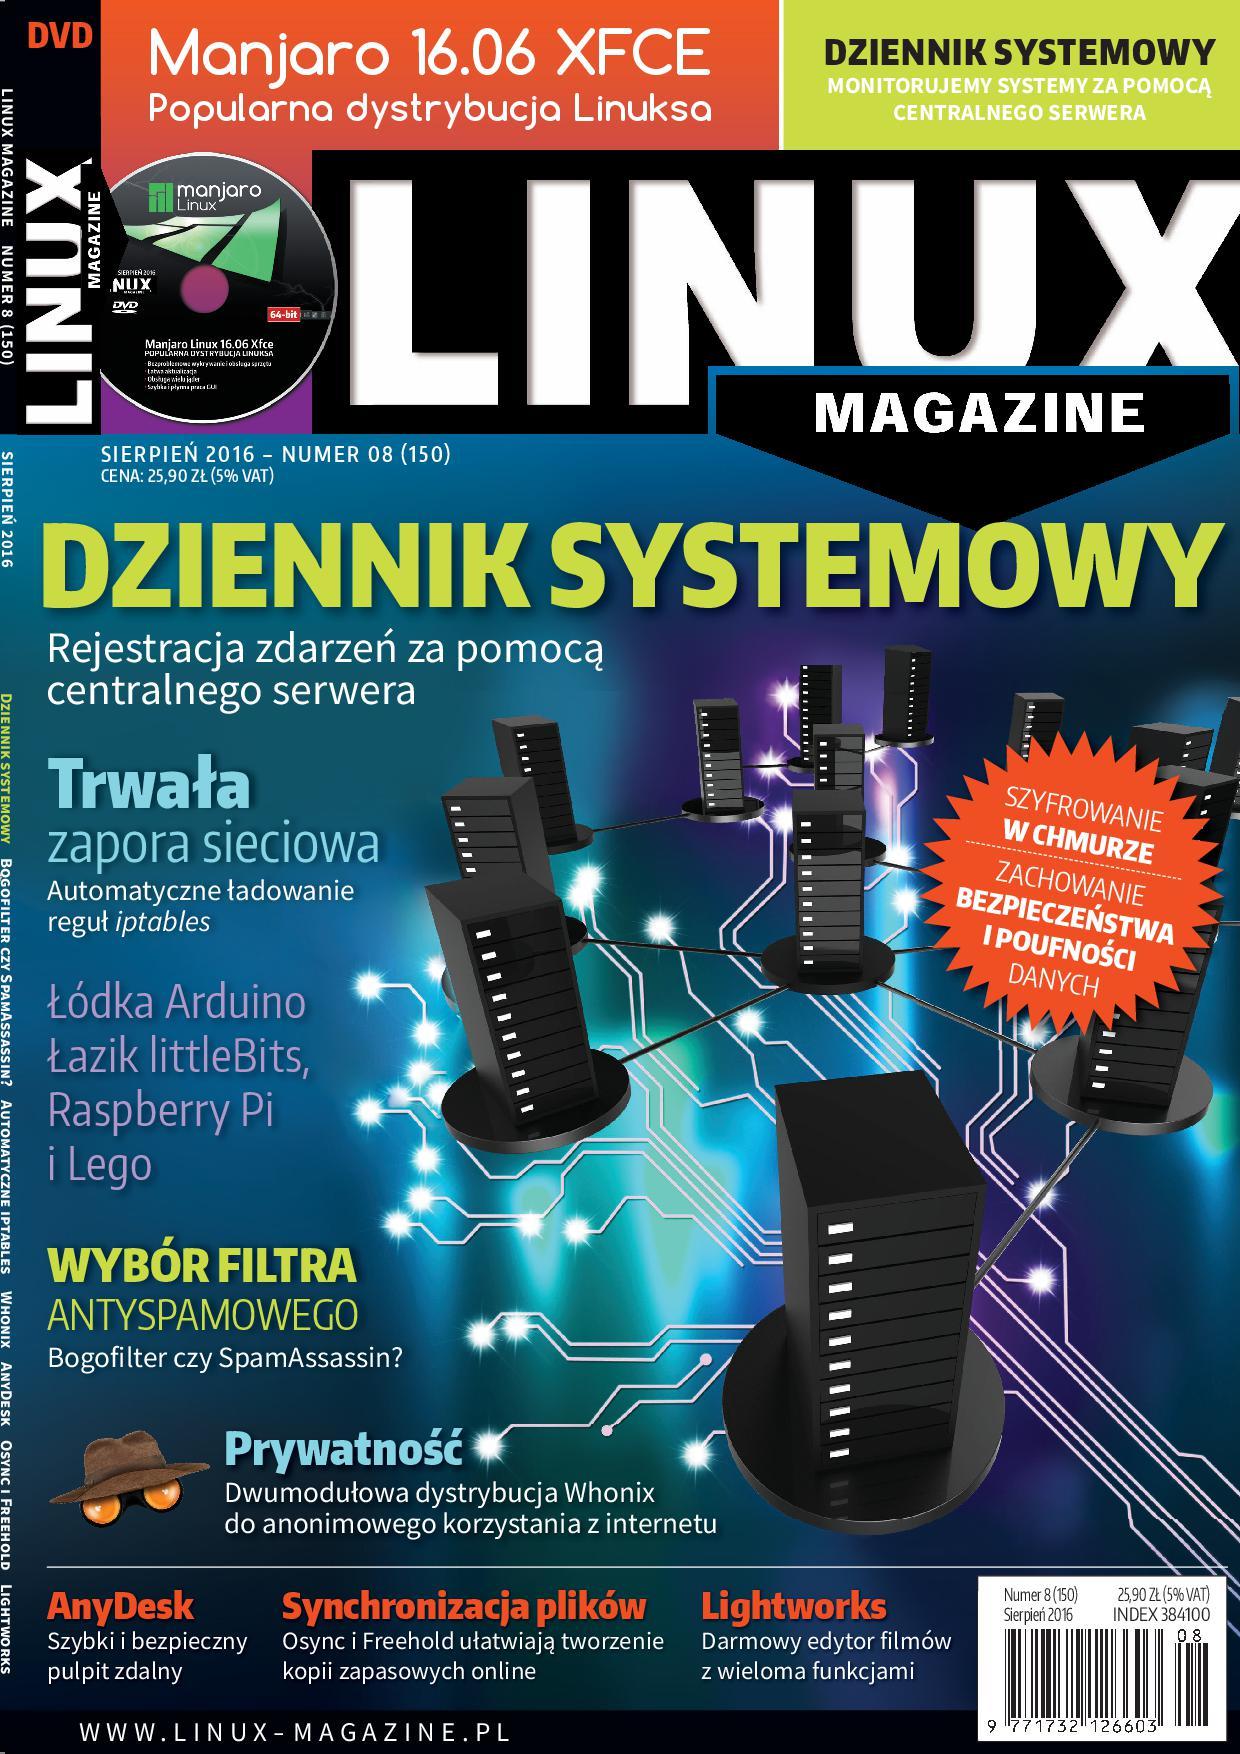 Linux Magazine - numer 150